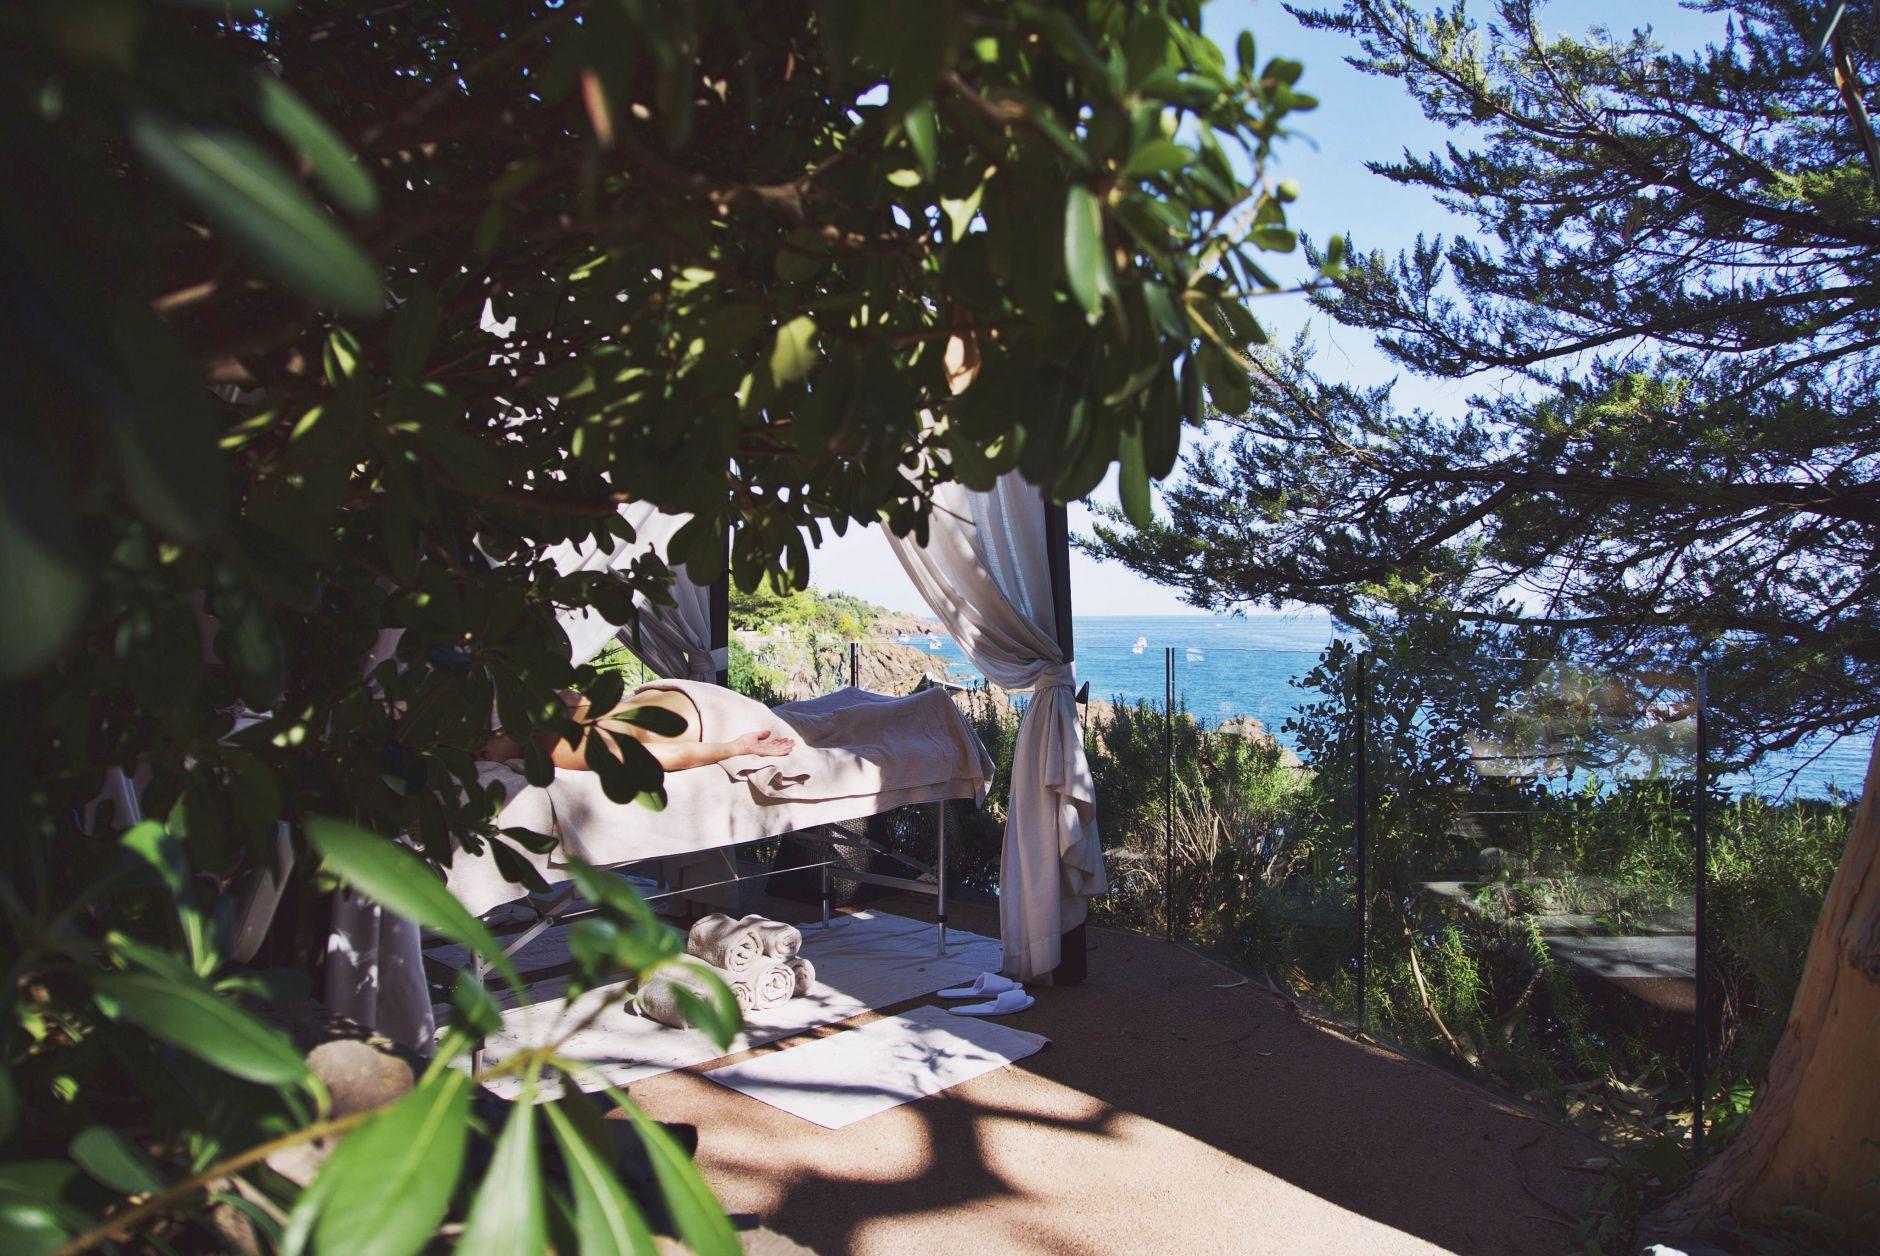 03-Tiara-Miramar-Beach-Hotel-Spa-Cote-dAzur-Disi-Couture-Edisa-Shahini-Cannes-France